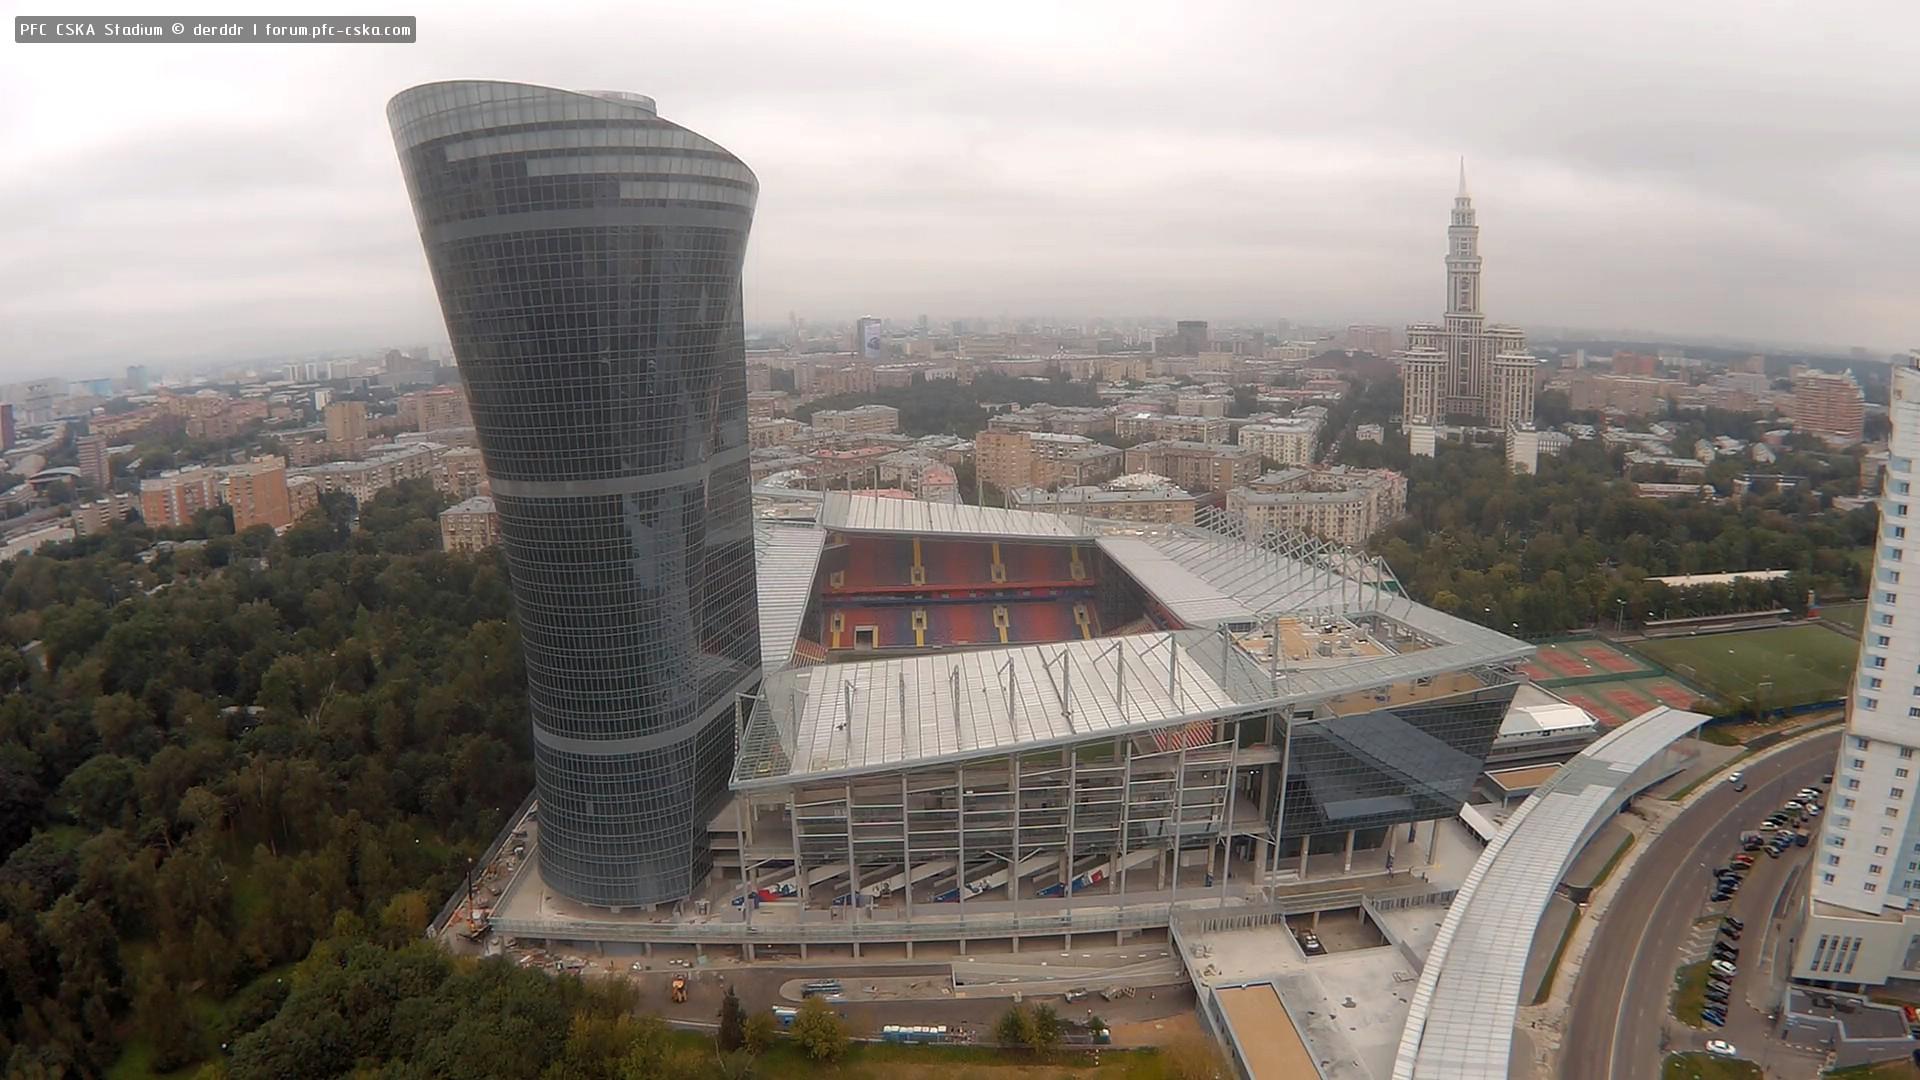 pfccska_stadium_01